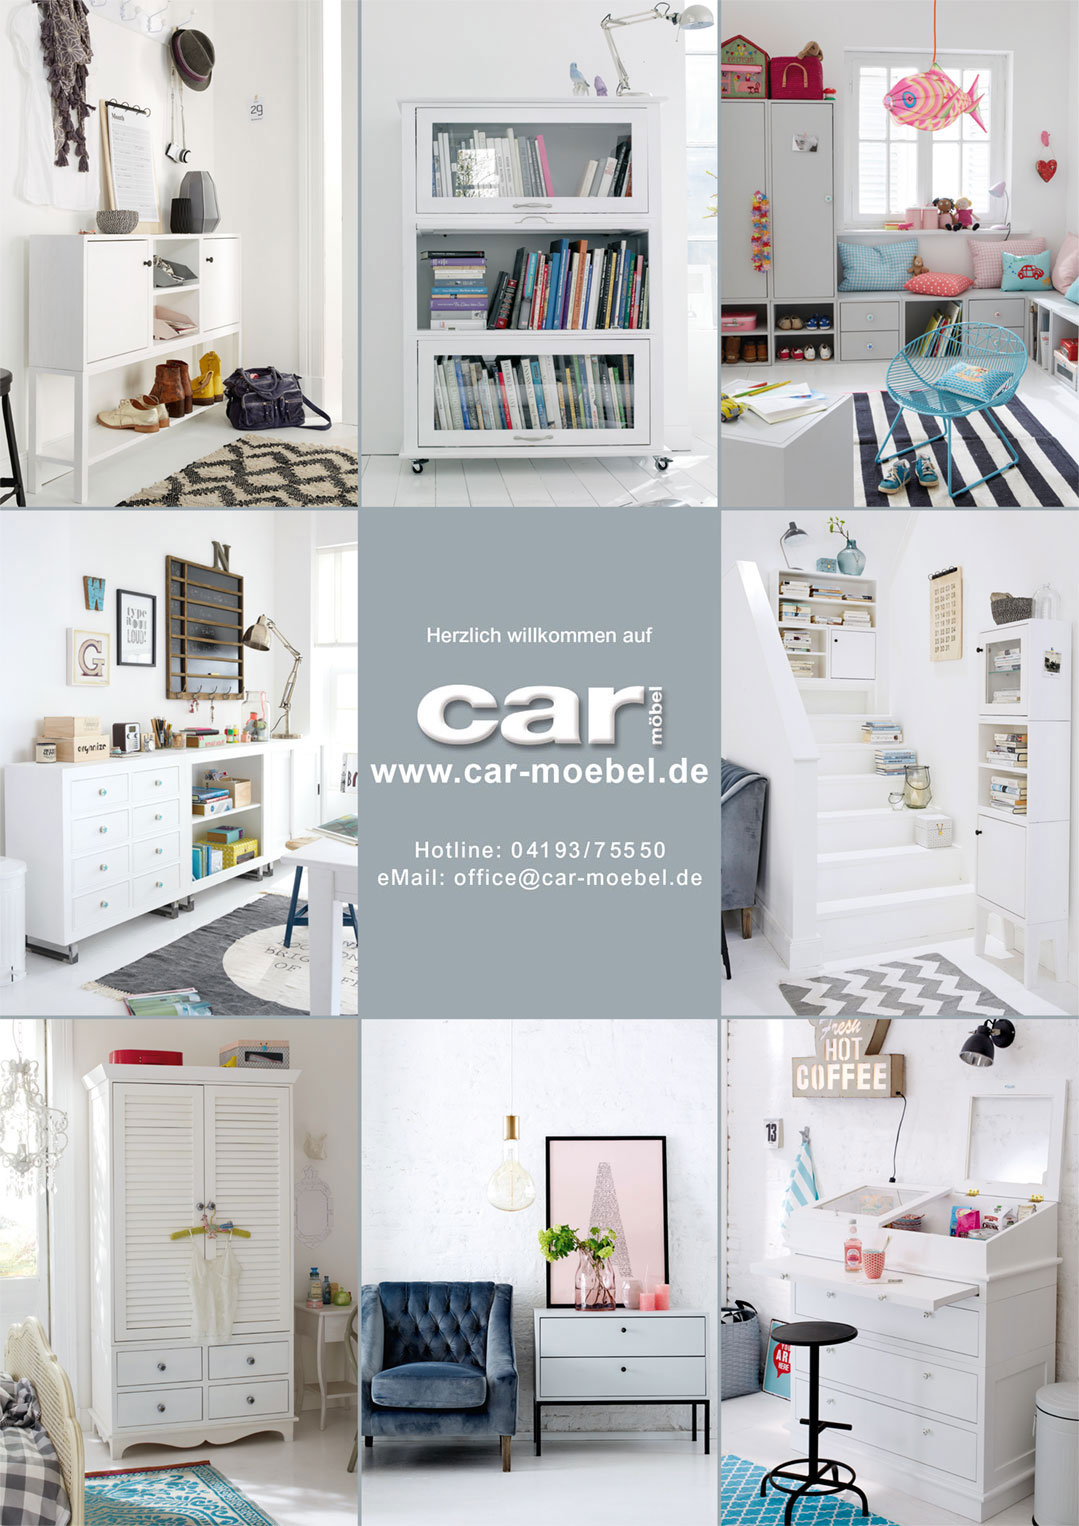 Ausgezeichnet Car Möbel Versand Fotos - Die Schlafzimmerideen ...